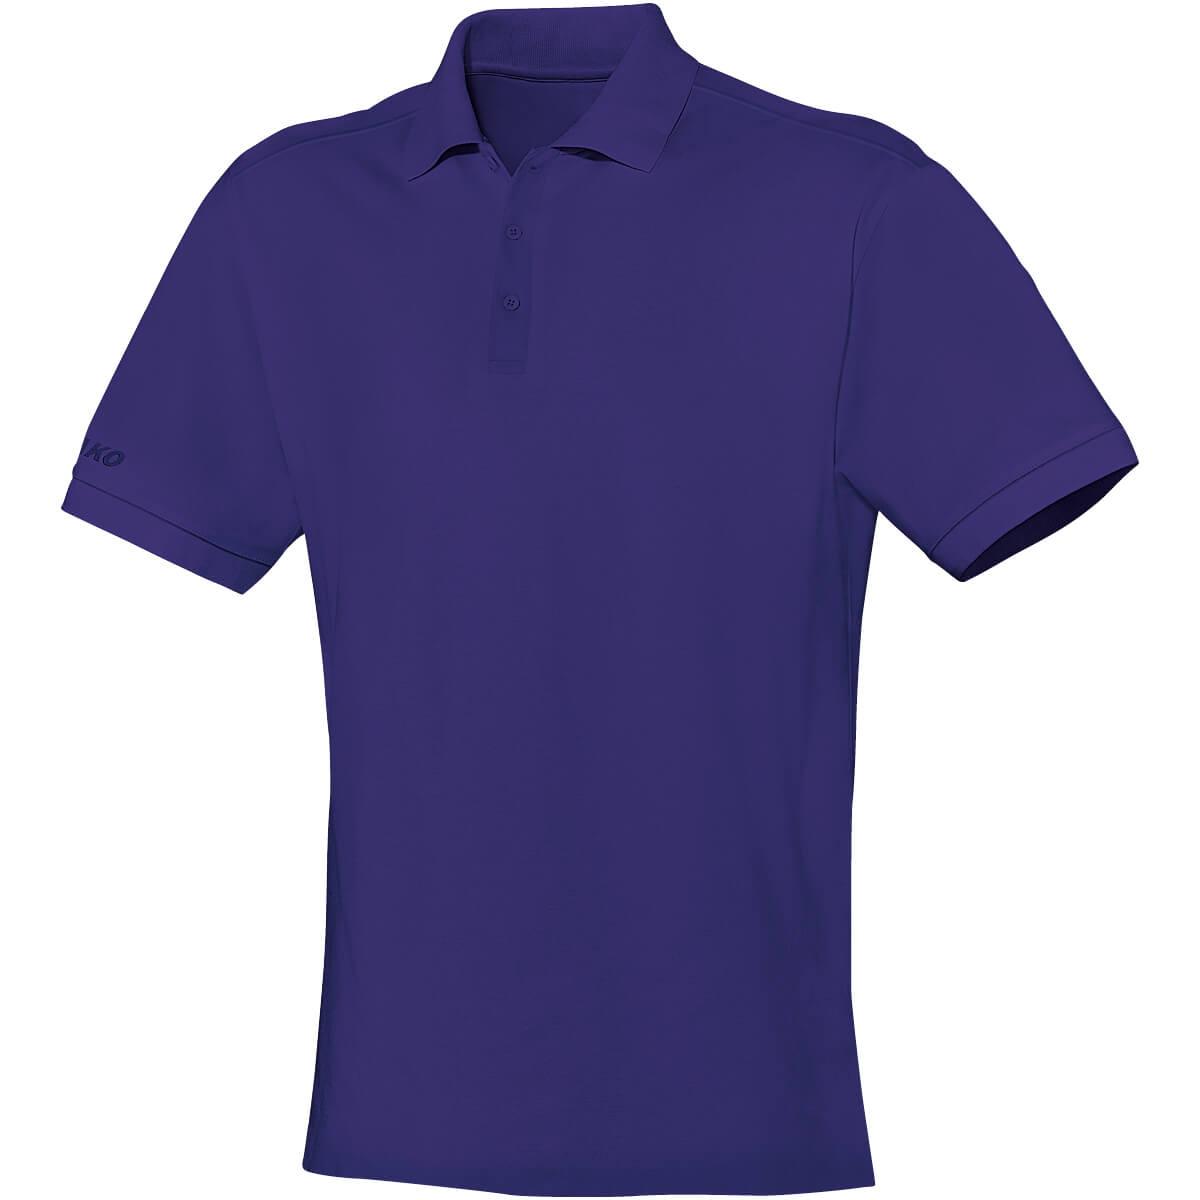 Jako Polo Team Herren 6333  | div. Größen / Farben